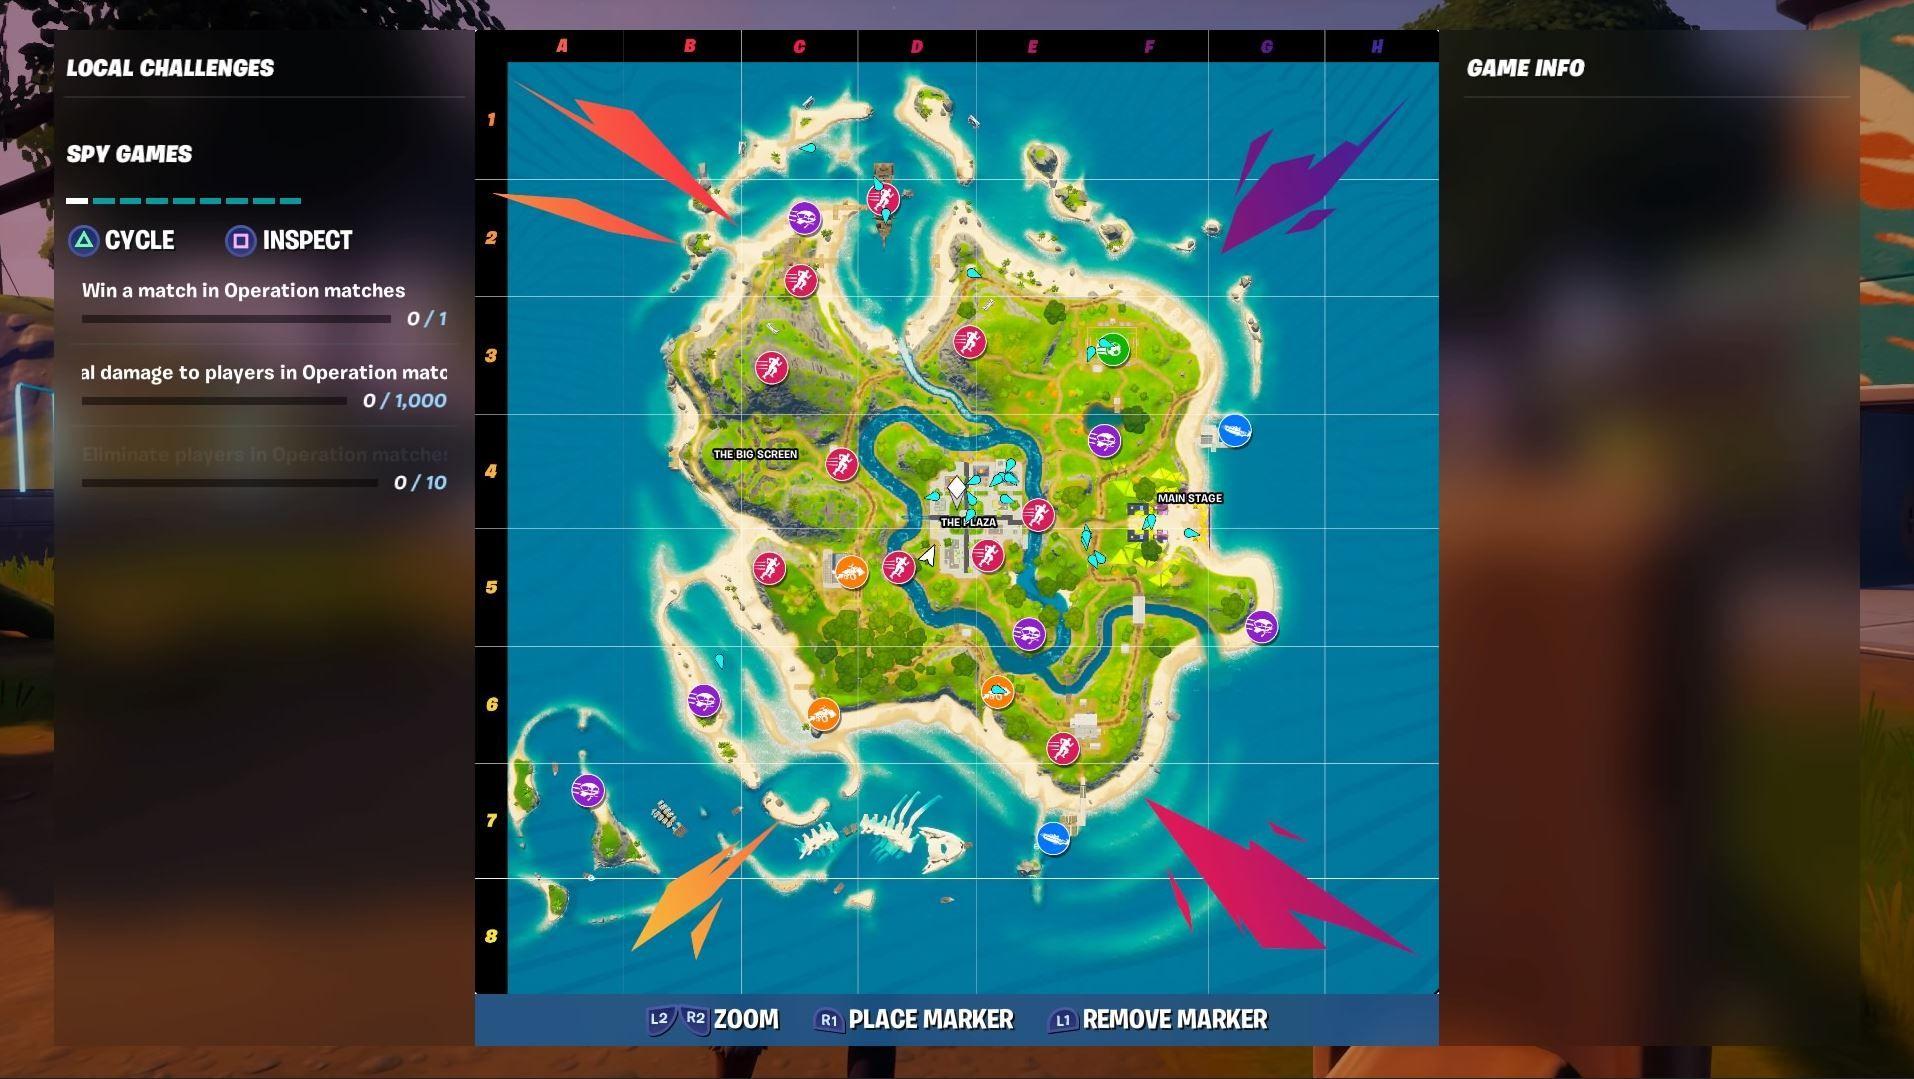 Slik ser det nye kartet i Party-modusen ut.